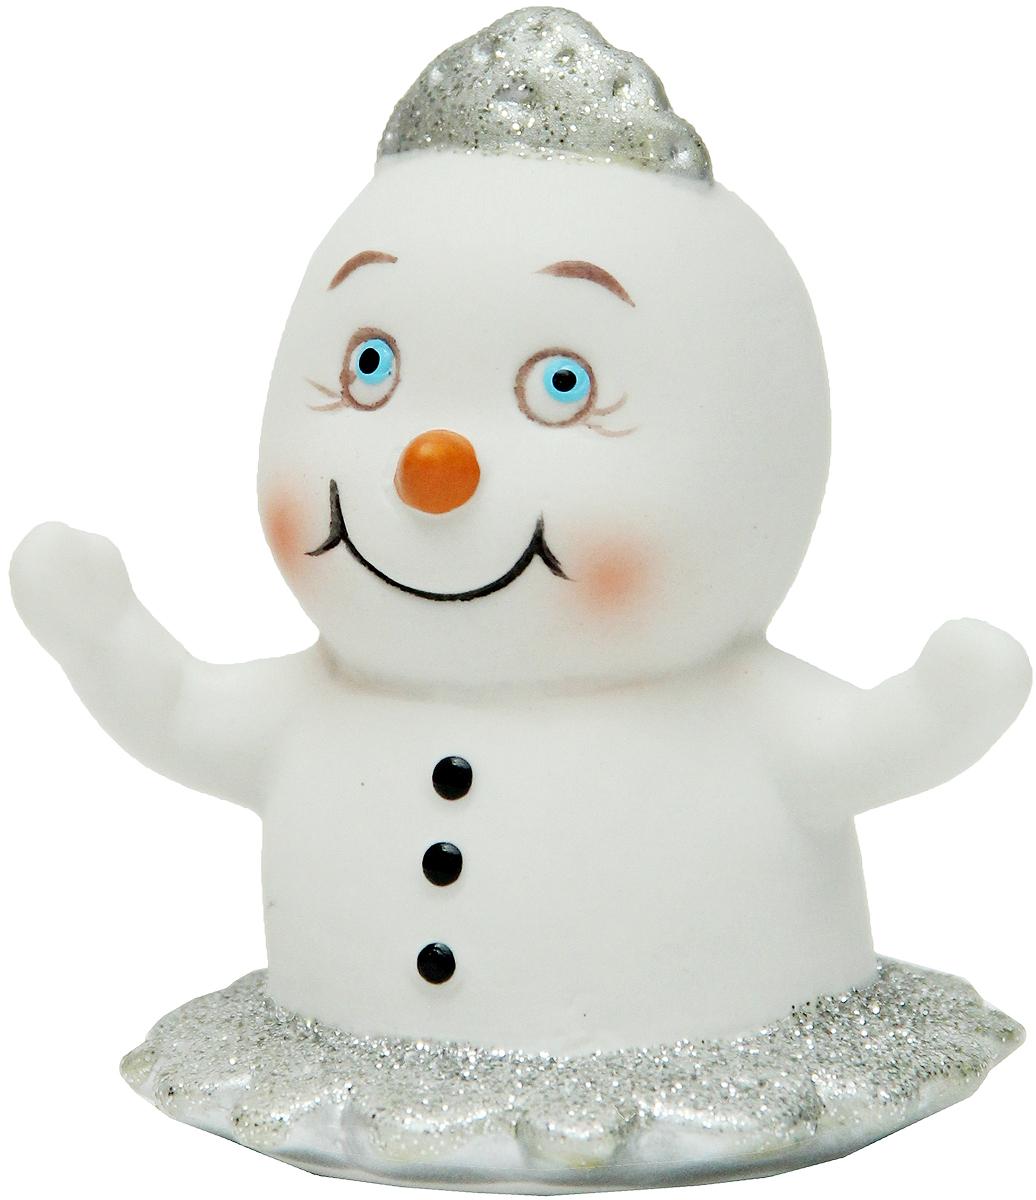 Фигурка новогодняя Magic Time Снеговик-принцесса, высота 8 см38334Новогодняя декоративная фигурка Magic Time Снеговик-принцесса прекрасно подойдет для праздничного декора вашего дома. Сувенир изготовлен из керамики в виде милой принцессы-снеговика. Такая оригинальная фигурка красиво оформит интерьер вашего дома или офиса в преддверии Нового года. Создайте в своем доме атмосферу веселья и радости, украшая его всей семьей красивыми игрушками, которые будут из года в год накапливать теплоту воспоминаний.